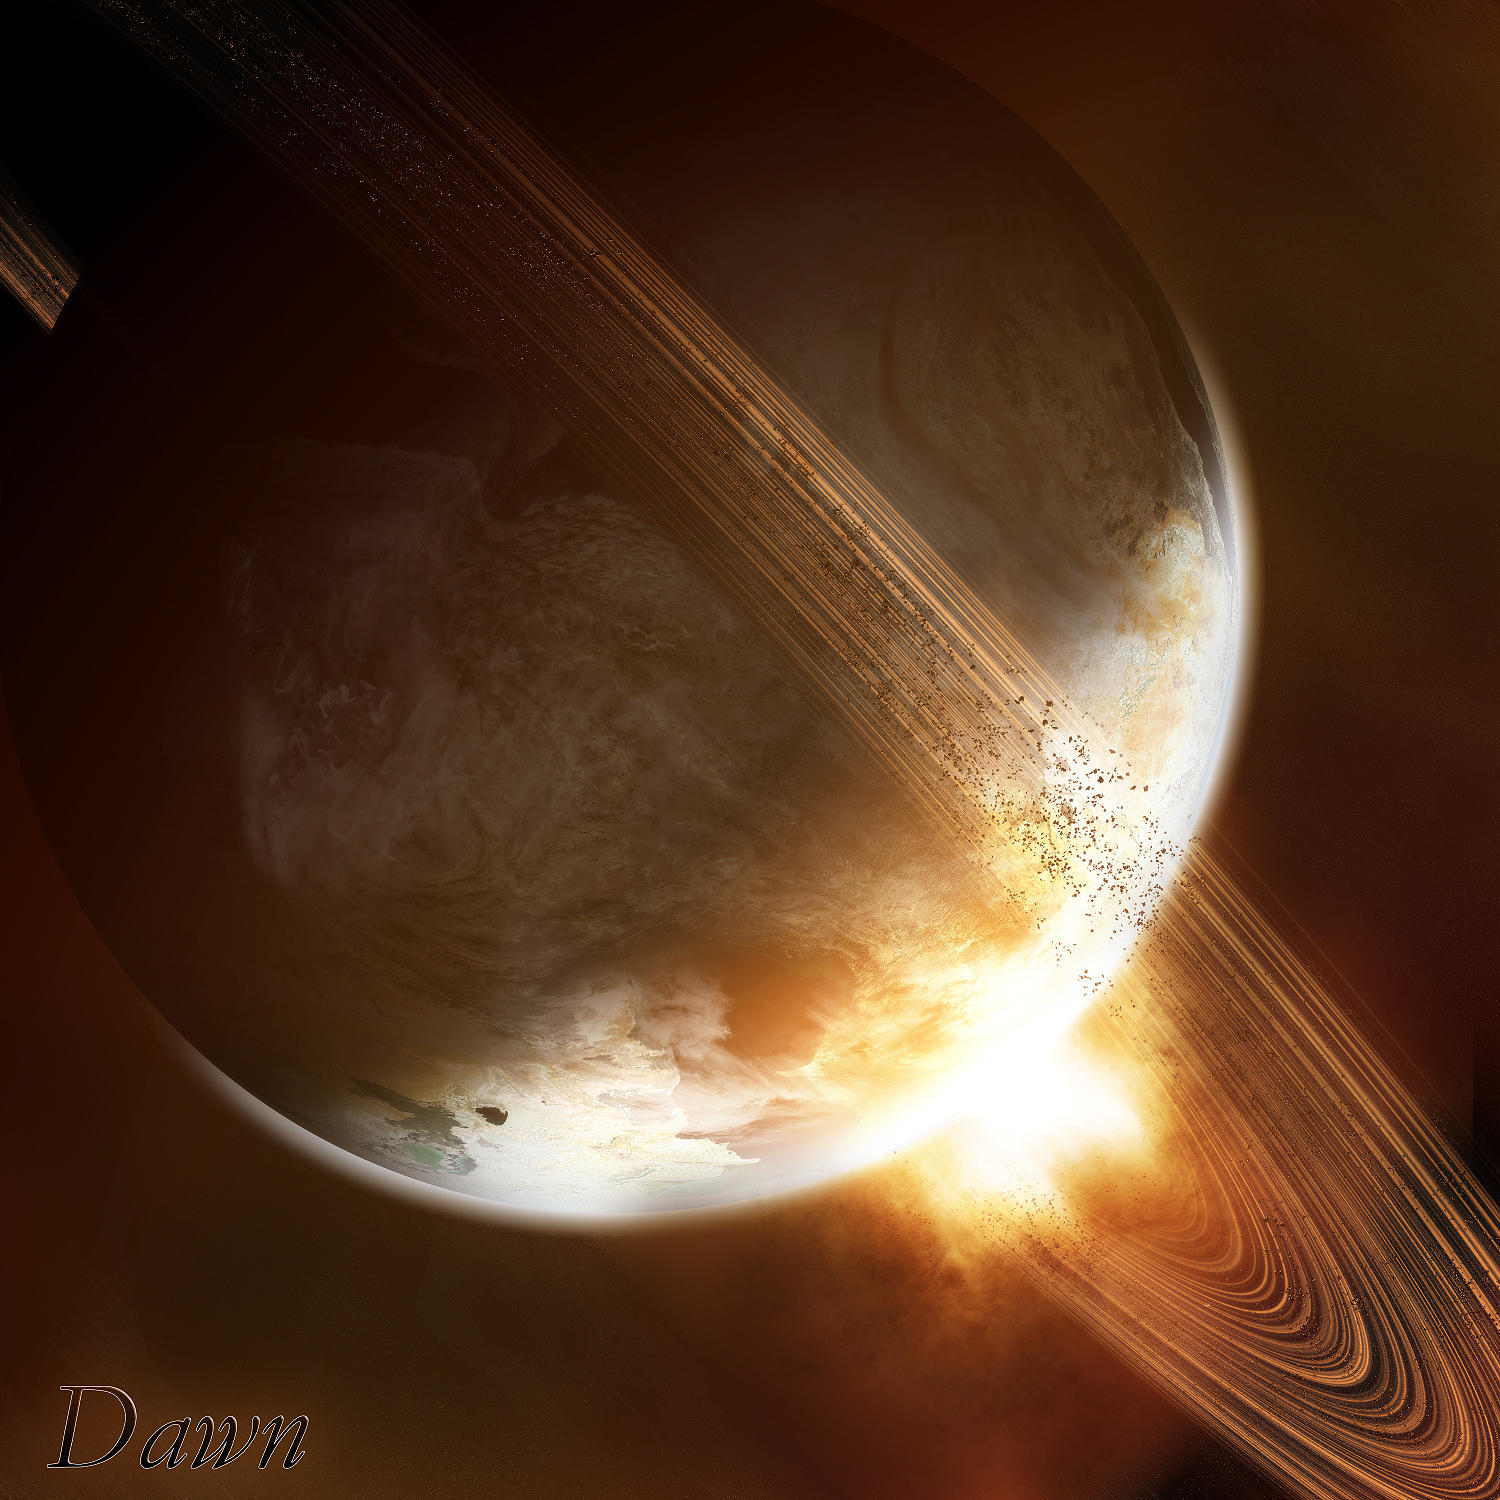 Anneaux de Saturne dans Divers Dawn_by_AP123